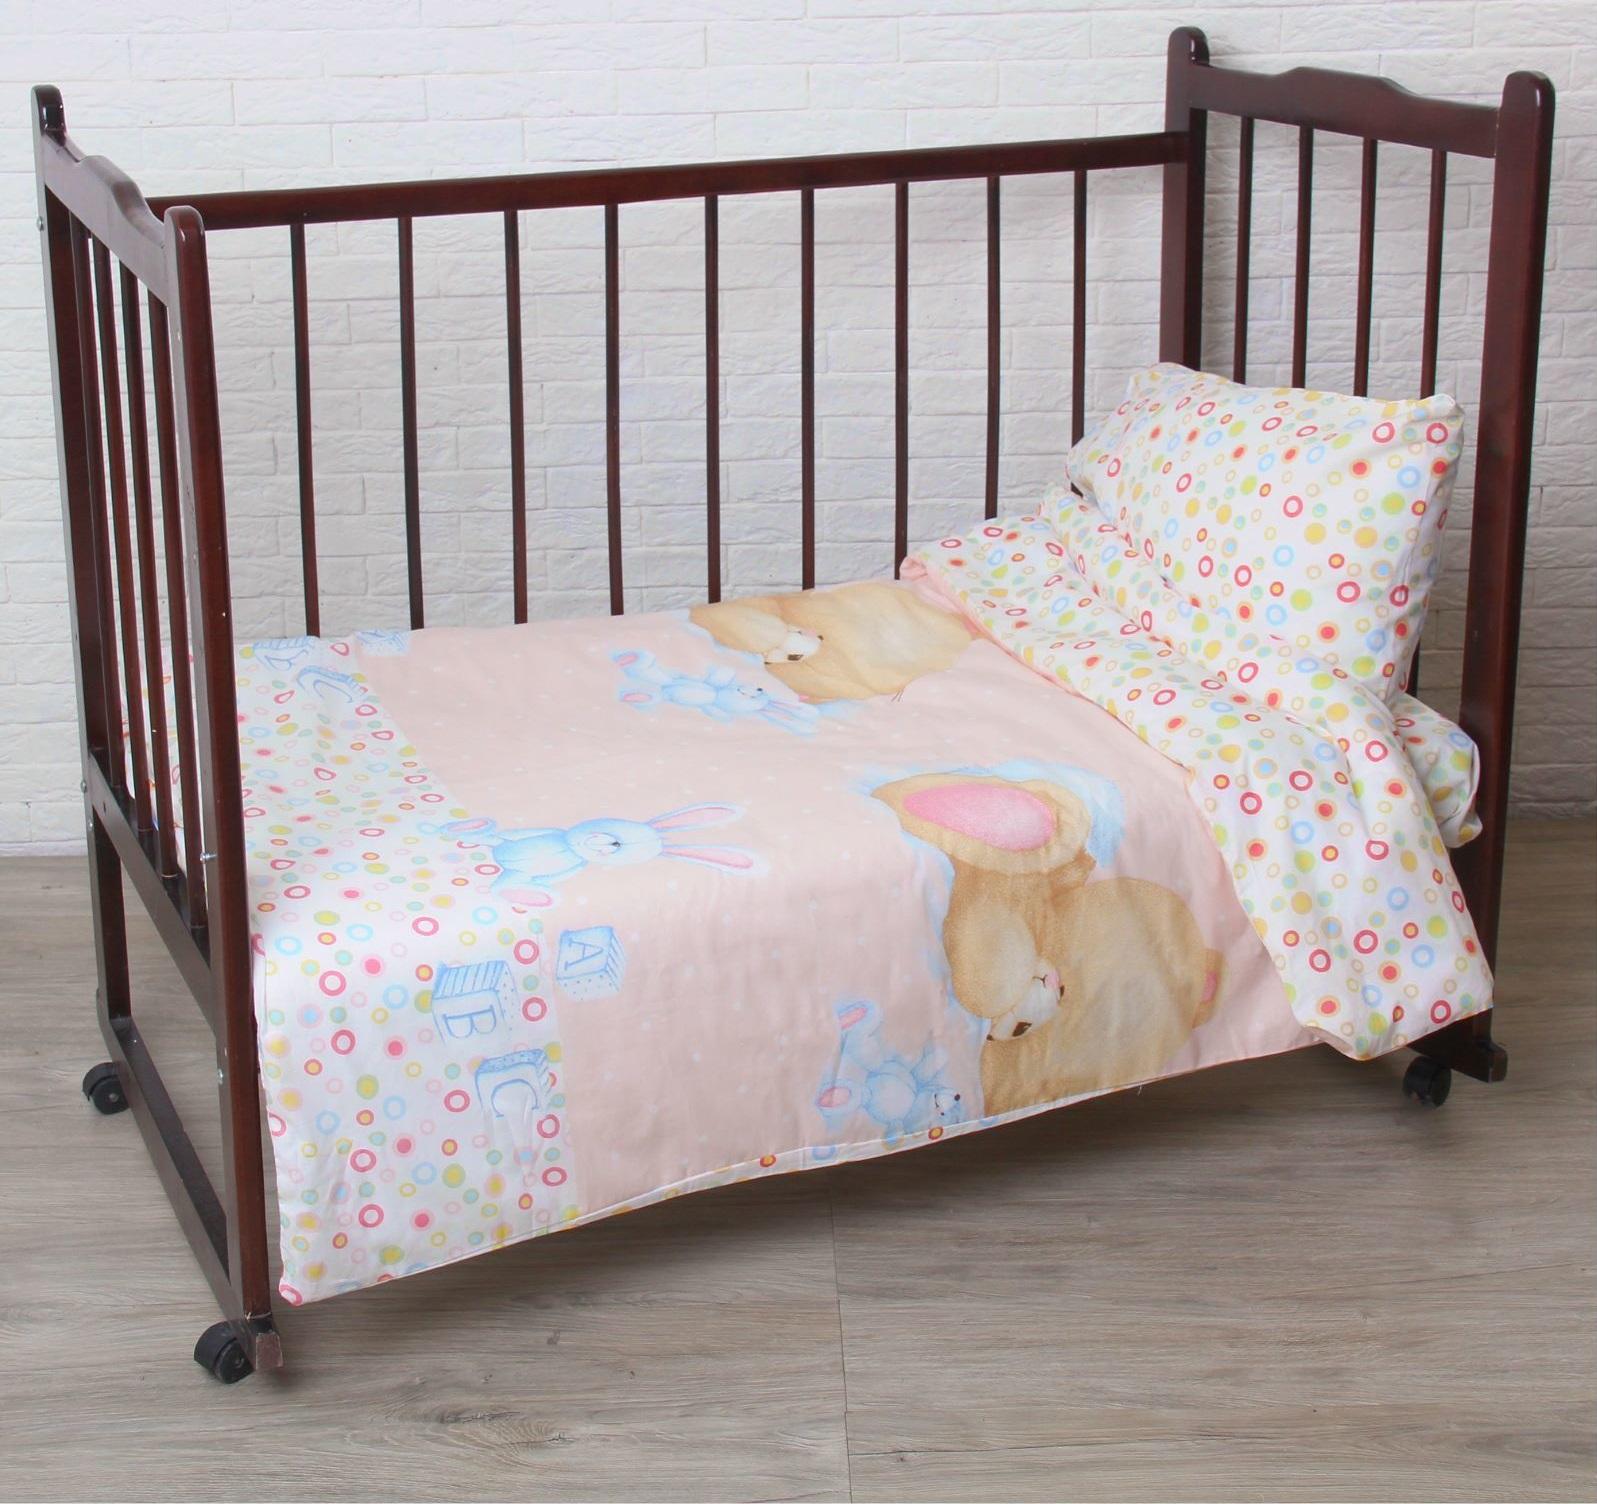 Купить со скидкой детское постельное белье Forever Friends